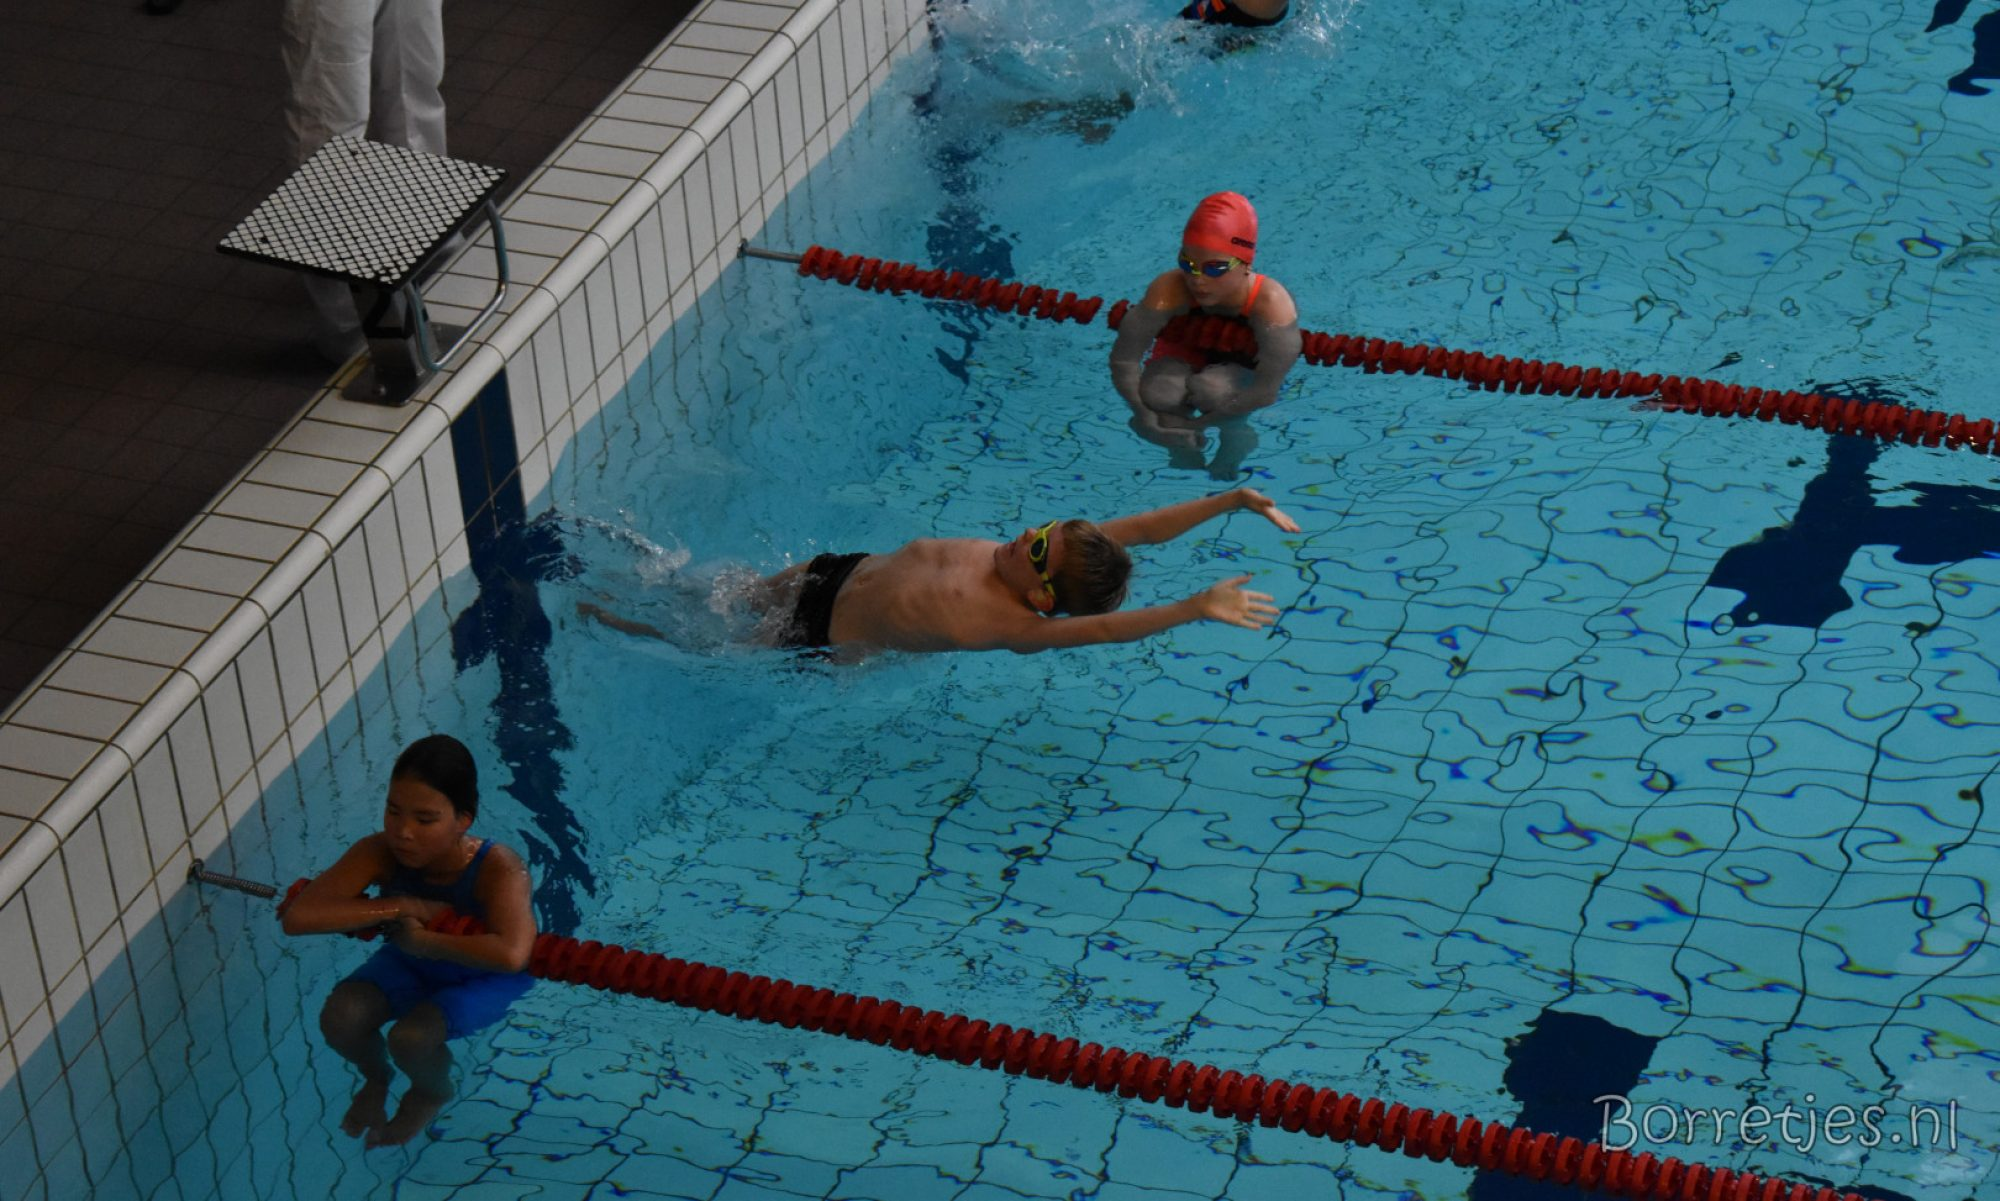 Borretjes.nl - Alles over het wedstrijdzwemmen van Kenji en Alyssia